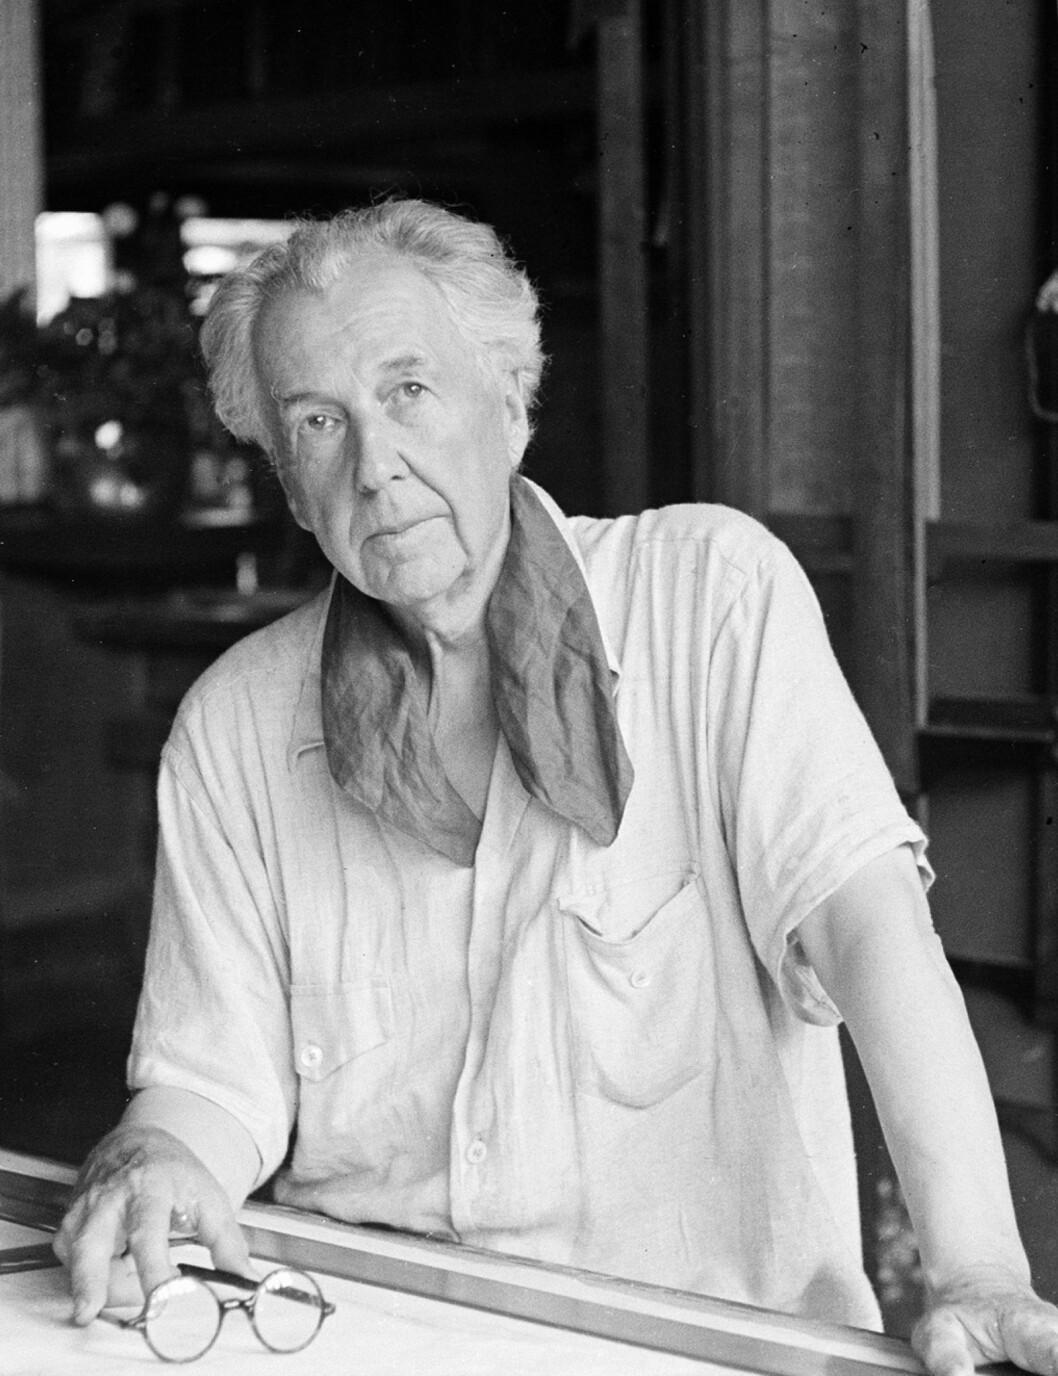 Porträtt av arkitekten från 1938. Frank Lloyd Wright i sin studio och bostad i Taliesin, Pheonix Arizona.